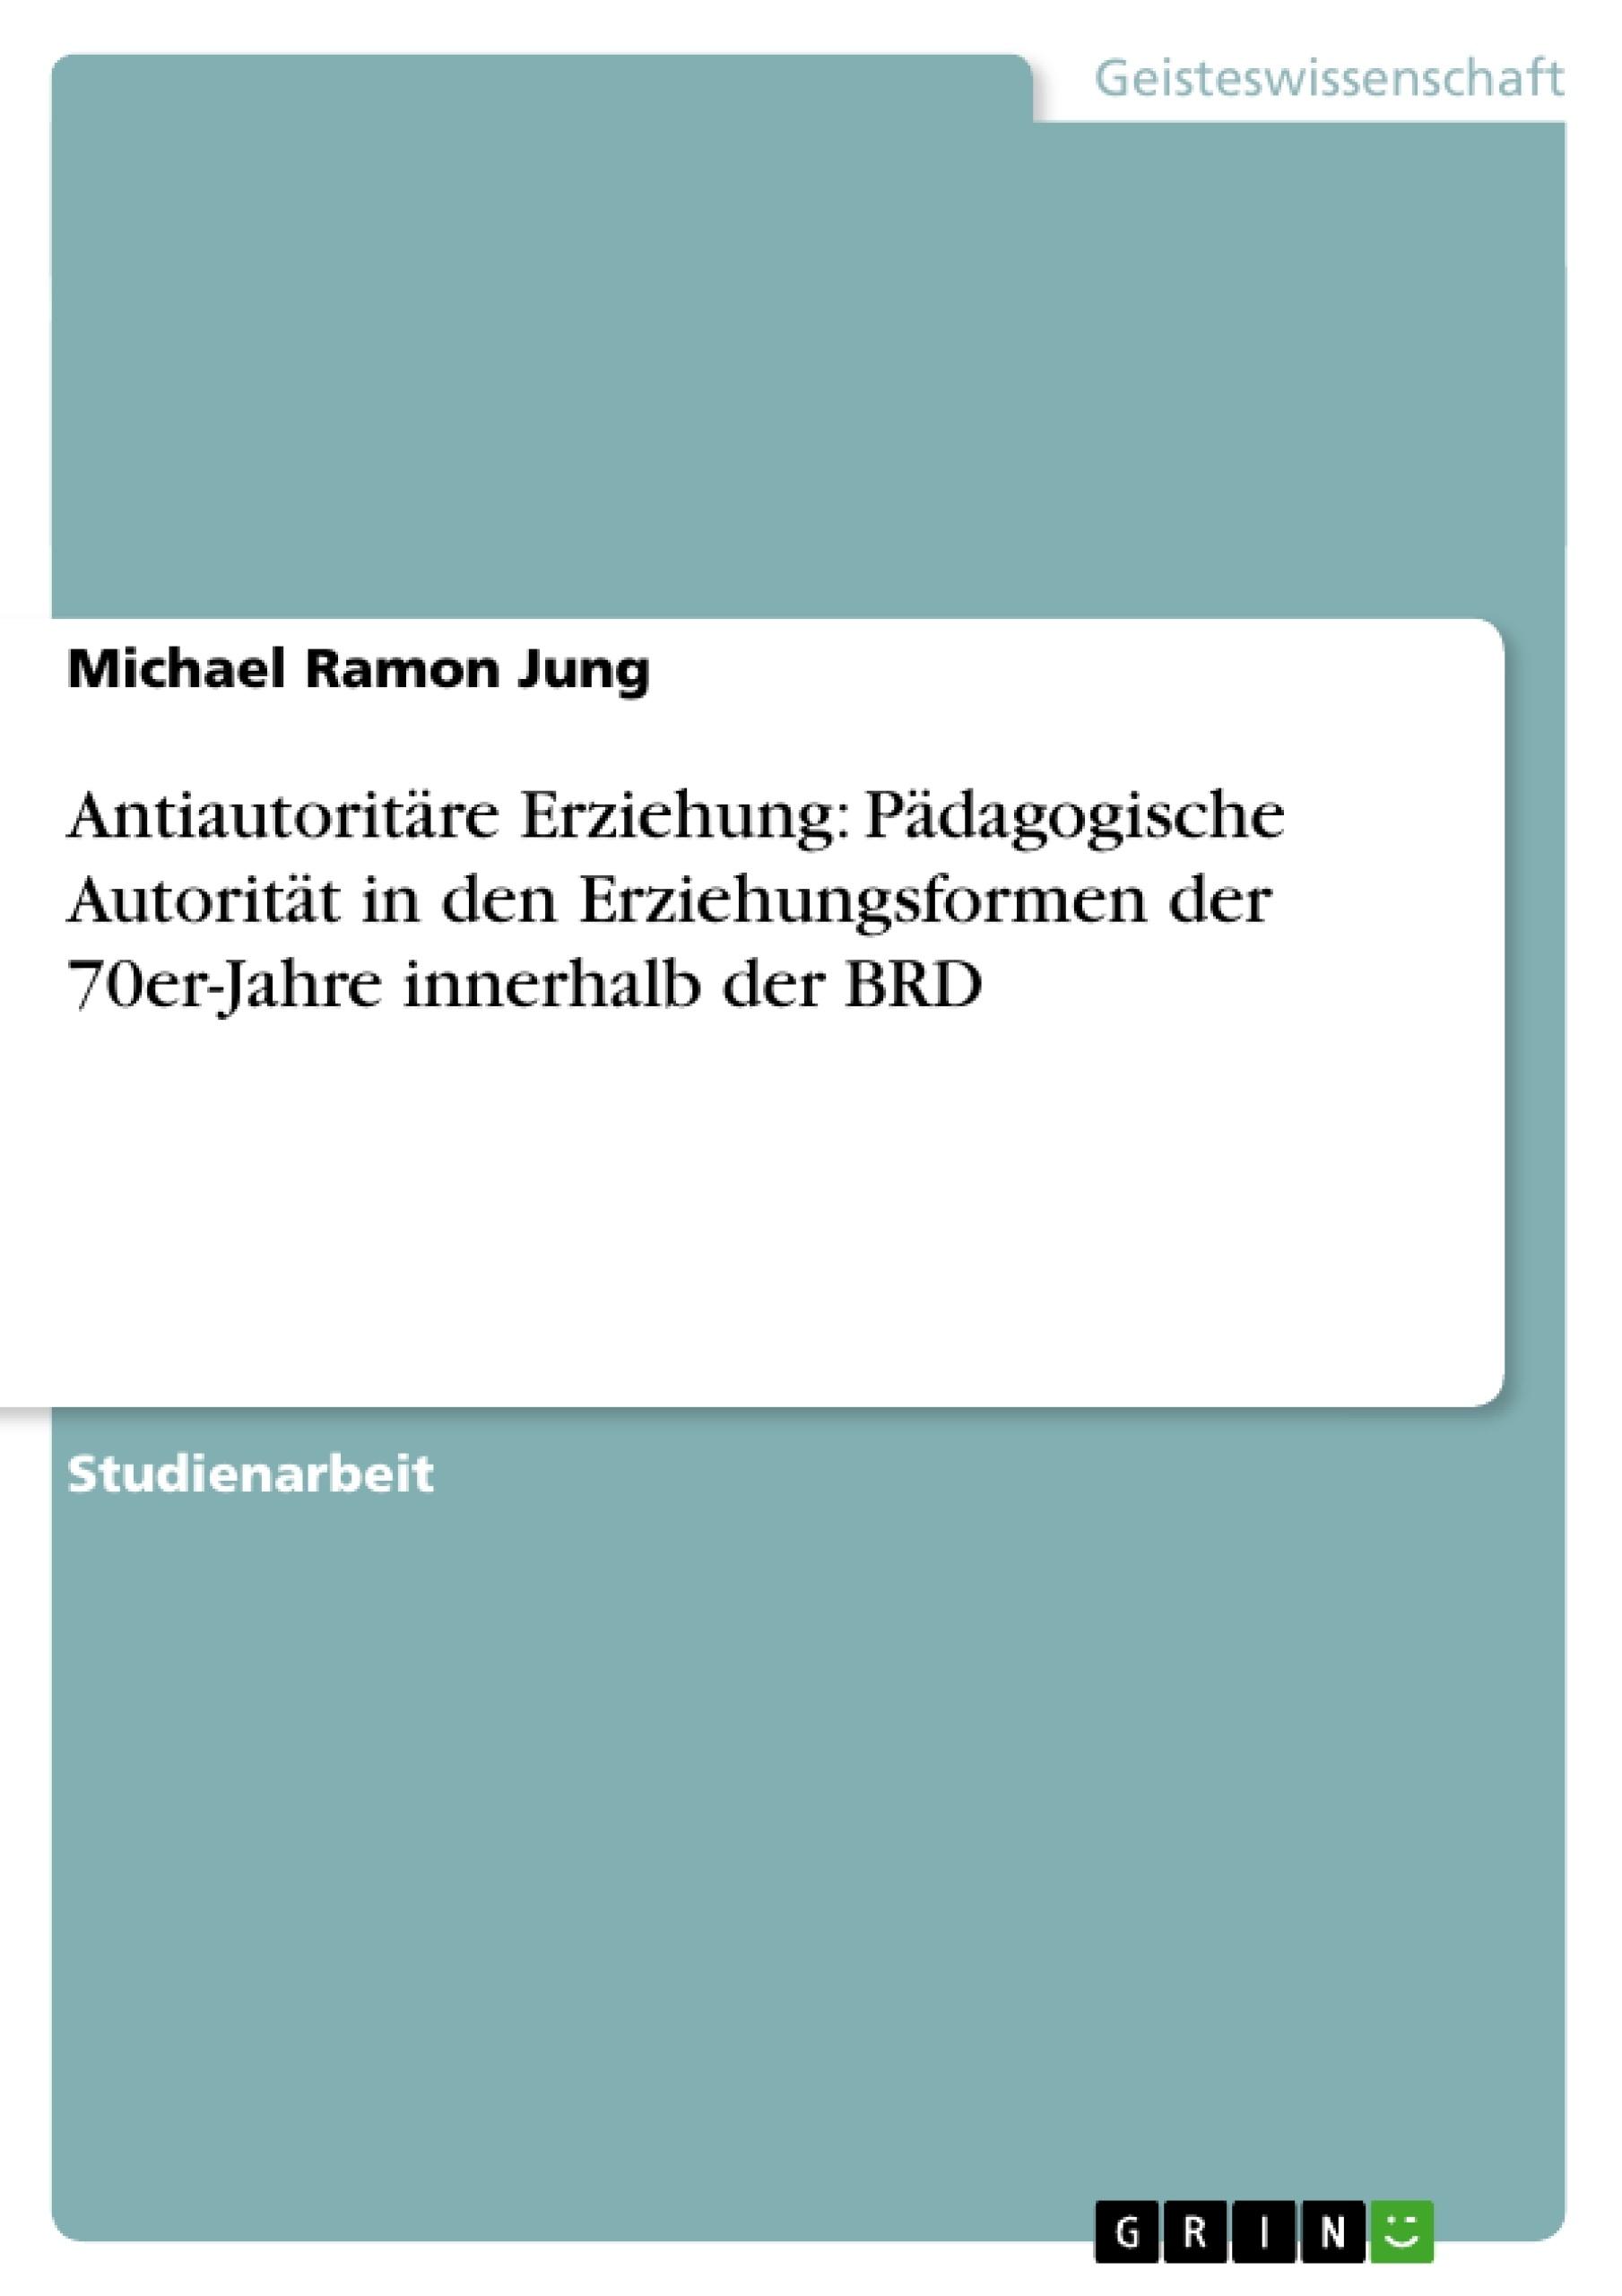 Titel: Antiautoritäre Erziehung: Pädagogische Autorität in den Erziehungsformen der 70er-Jahre innerhalb der BRD